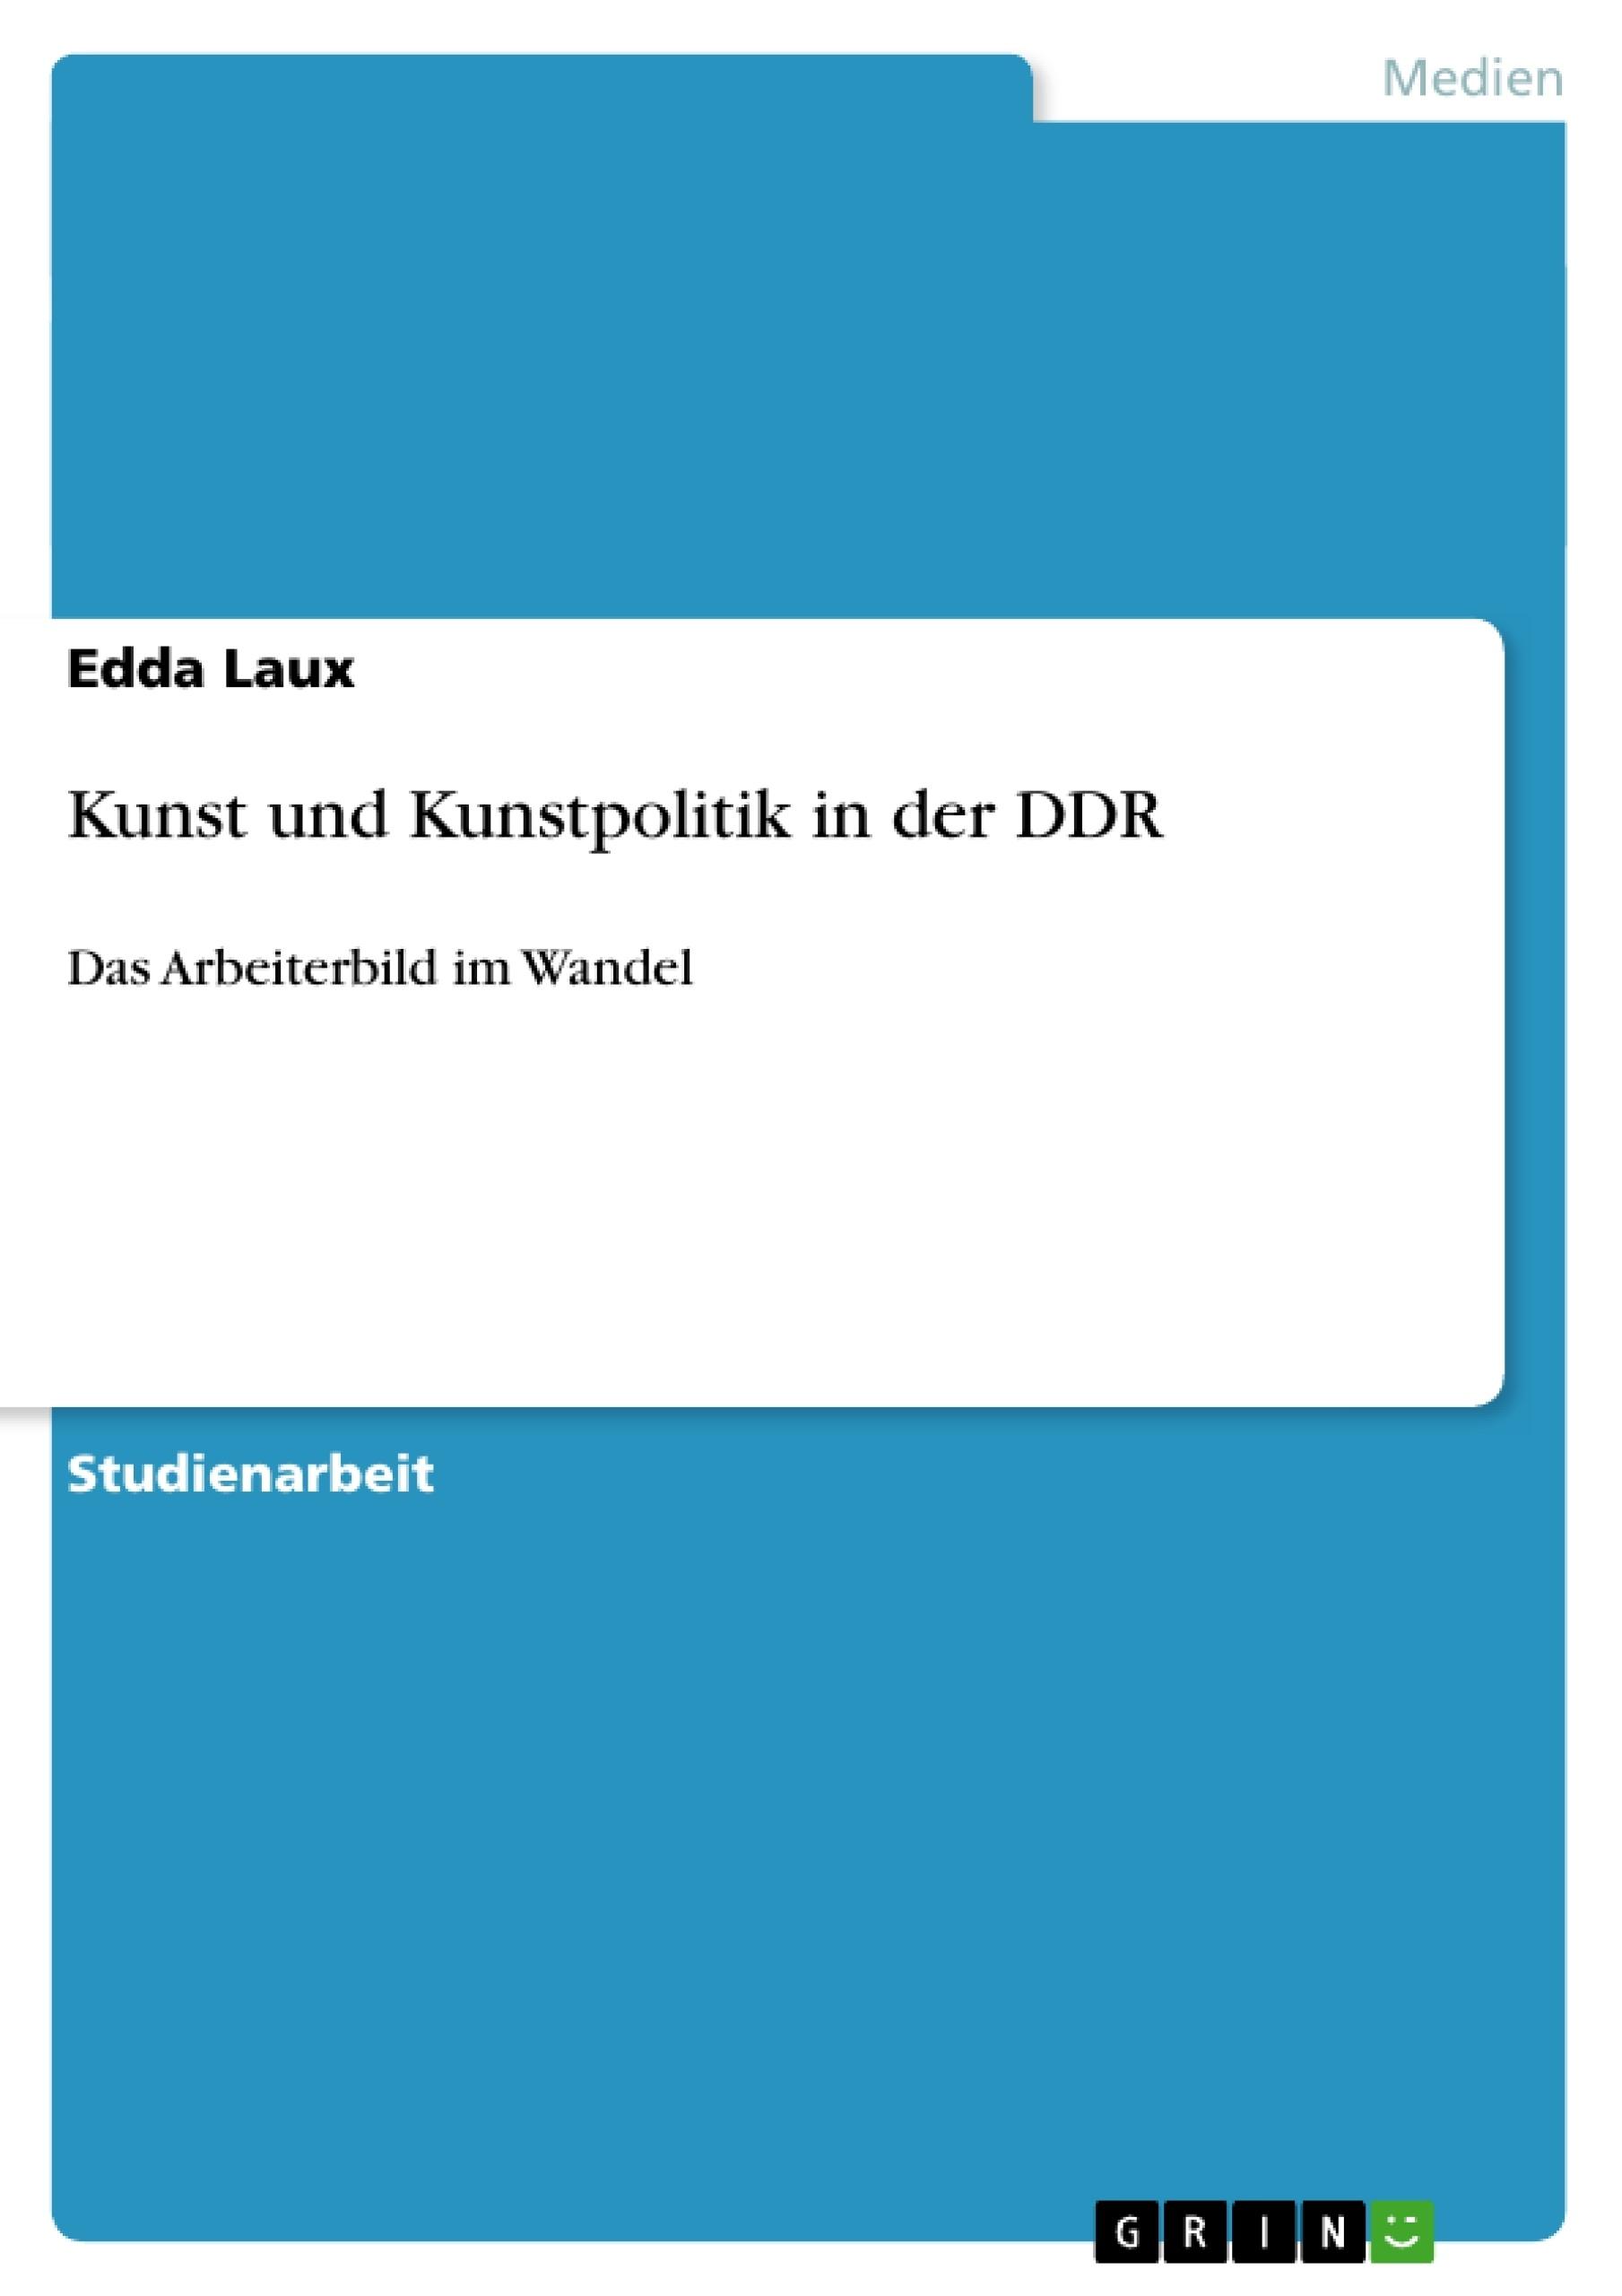 Titel: Kunst und Kunstpolitik in der DDR